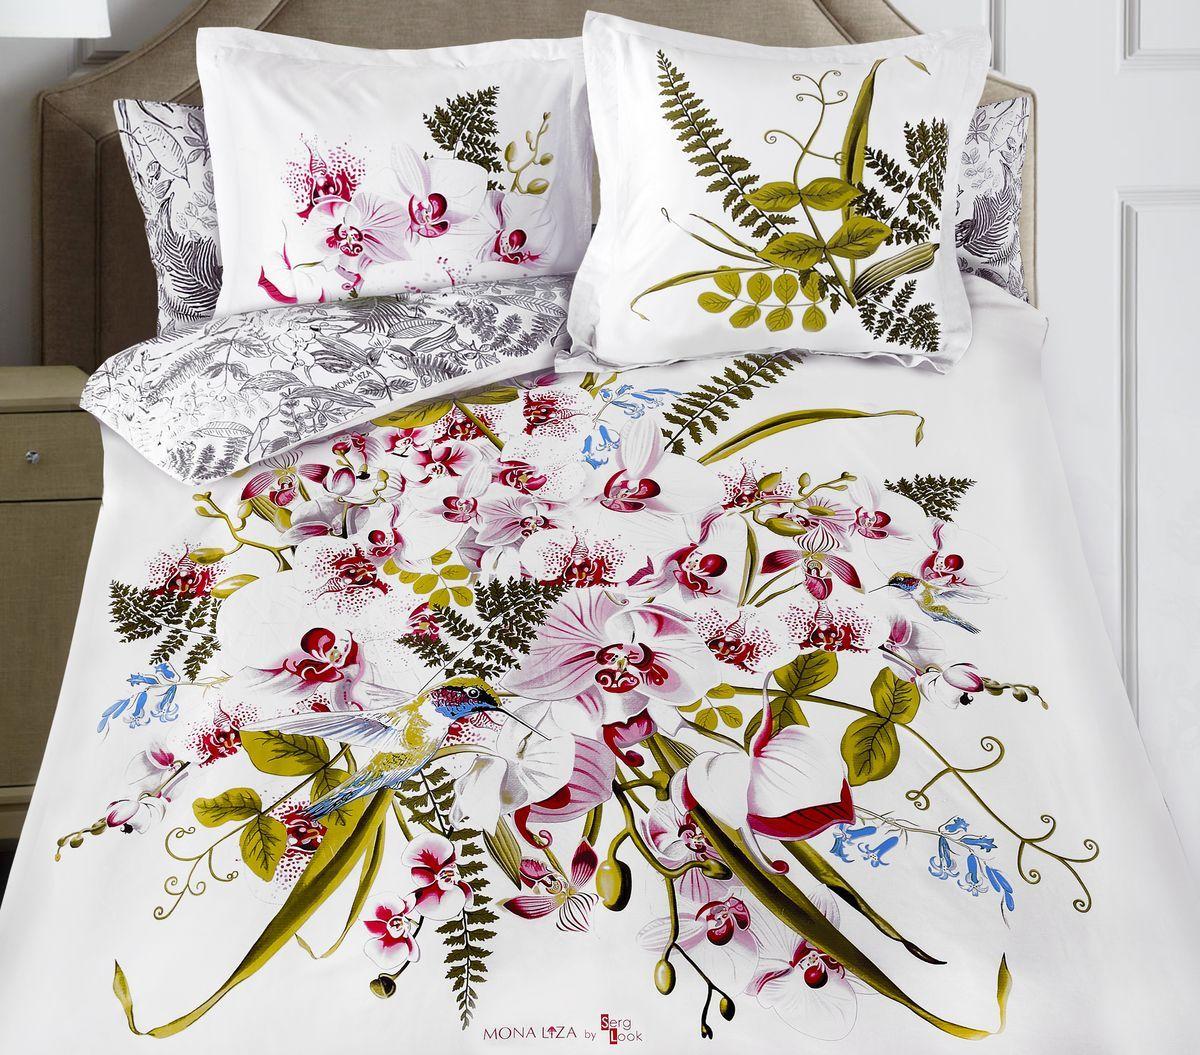 Комплект белья Mona Liza Premium. Orchid, 2-спальный, наволочки 50x70, 70x70SVC-300Комплект белья Mona Liza Premium. Orchid, выполненный из сатина (100% хлопок), состоит из пододеяльника, простыни и четырех наволочек. Изделия оформлены ярким рисунком.В комплект входит:Пододеяльник: 175 х 210 см. Простыня: 215 х 240 см. 4 наволочки: 70 х 70 см, 50 х 70 см. Рекомендации по уходу: - Ручная и машинная стирка 40°С. - Гладить при средней температуре. - Не использовать хлорсодержащие средства. - Щадящая сушка, - Не подвергать химчистке. УВАЖАЕМЫЕ КЛИЕНТЫ!Обращаем ваше внимание, на тот факт, что в комплект входят 4 наволочки, а комплектация, представленная на изображении, служит для визуального восприятия товара.